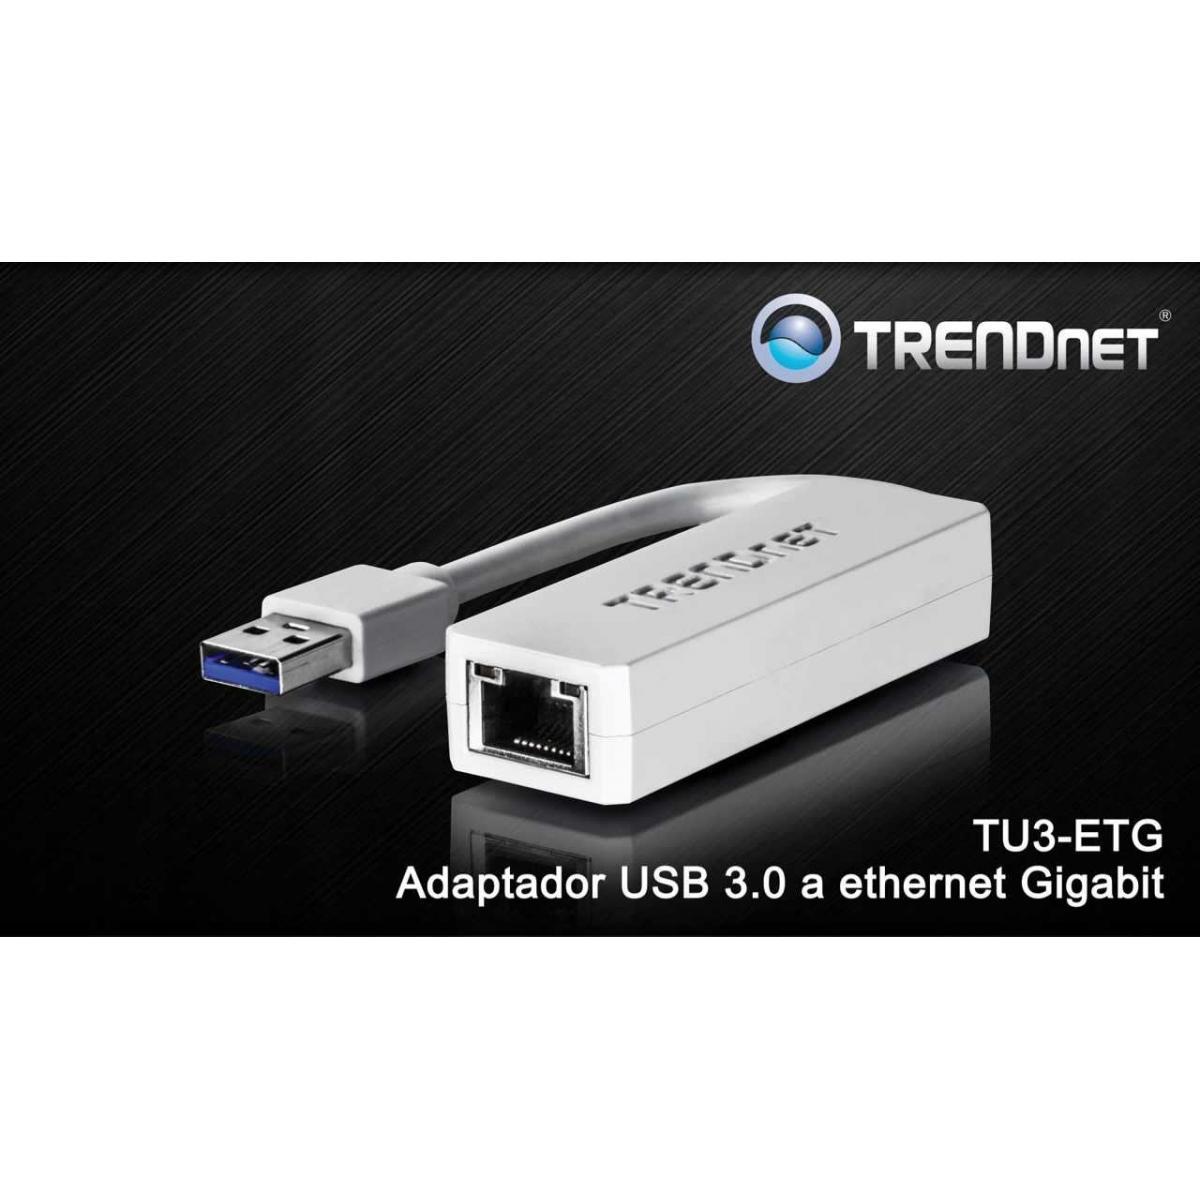 TRENDnet USB 3.0 to Gigabit Ethernet Adapter Model TU3-ETG